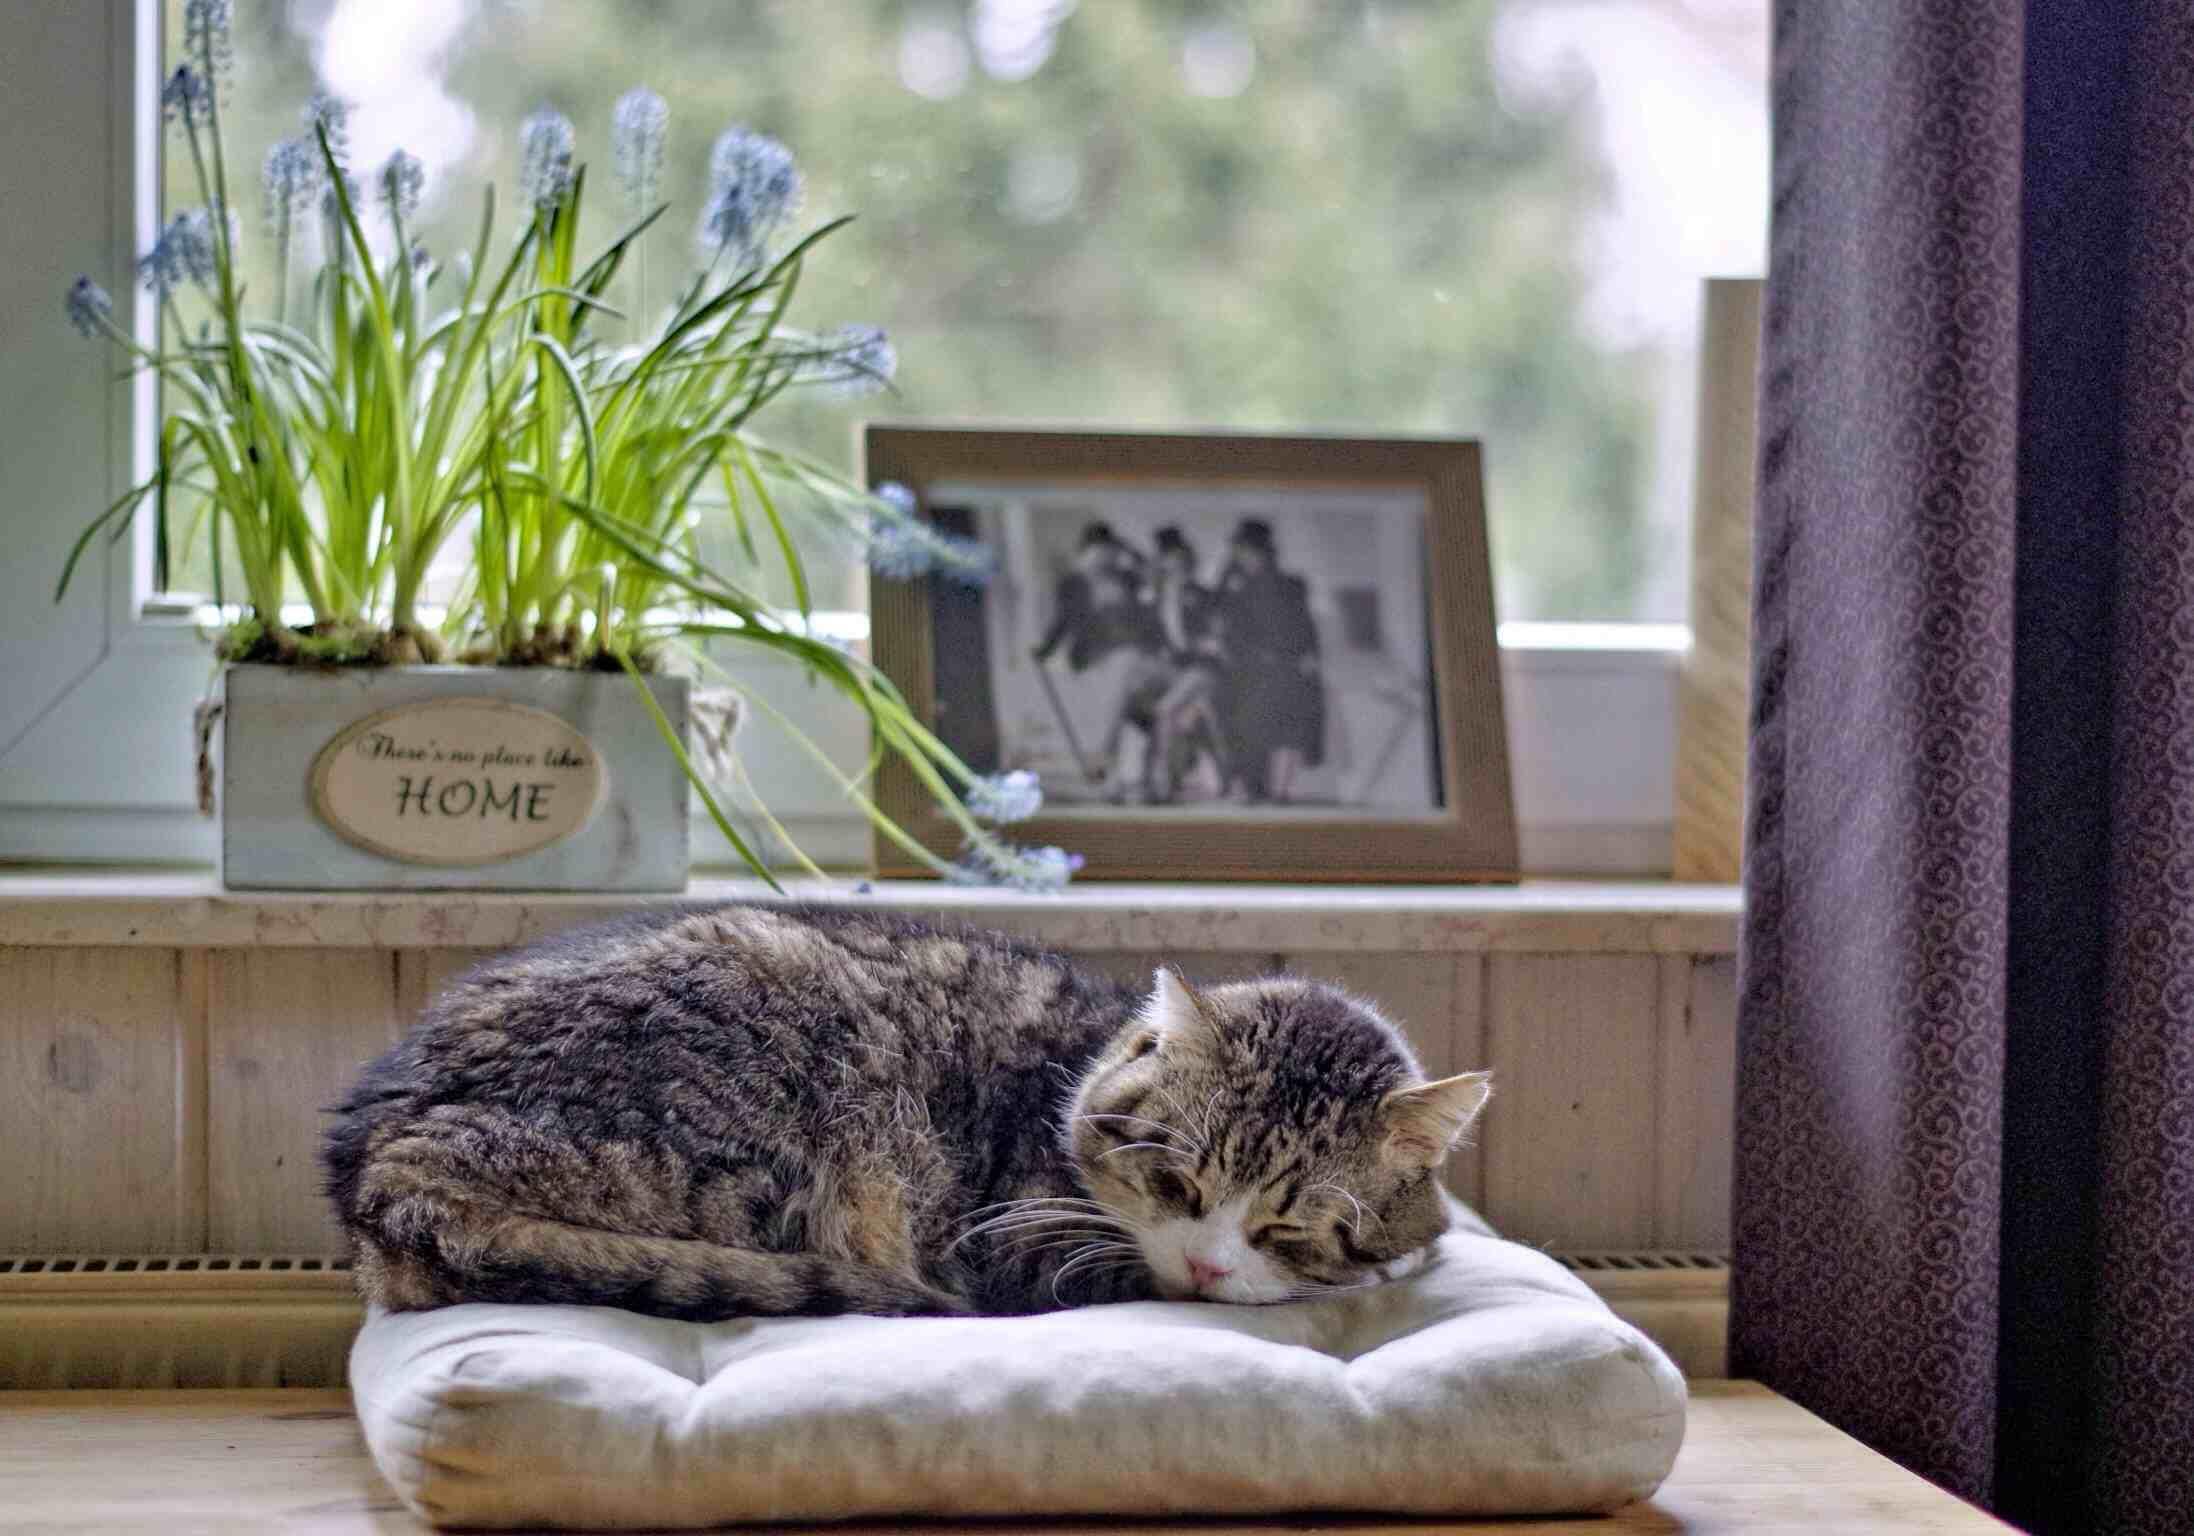 Gato durmiendo en la cama contra la ventana en casa